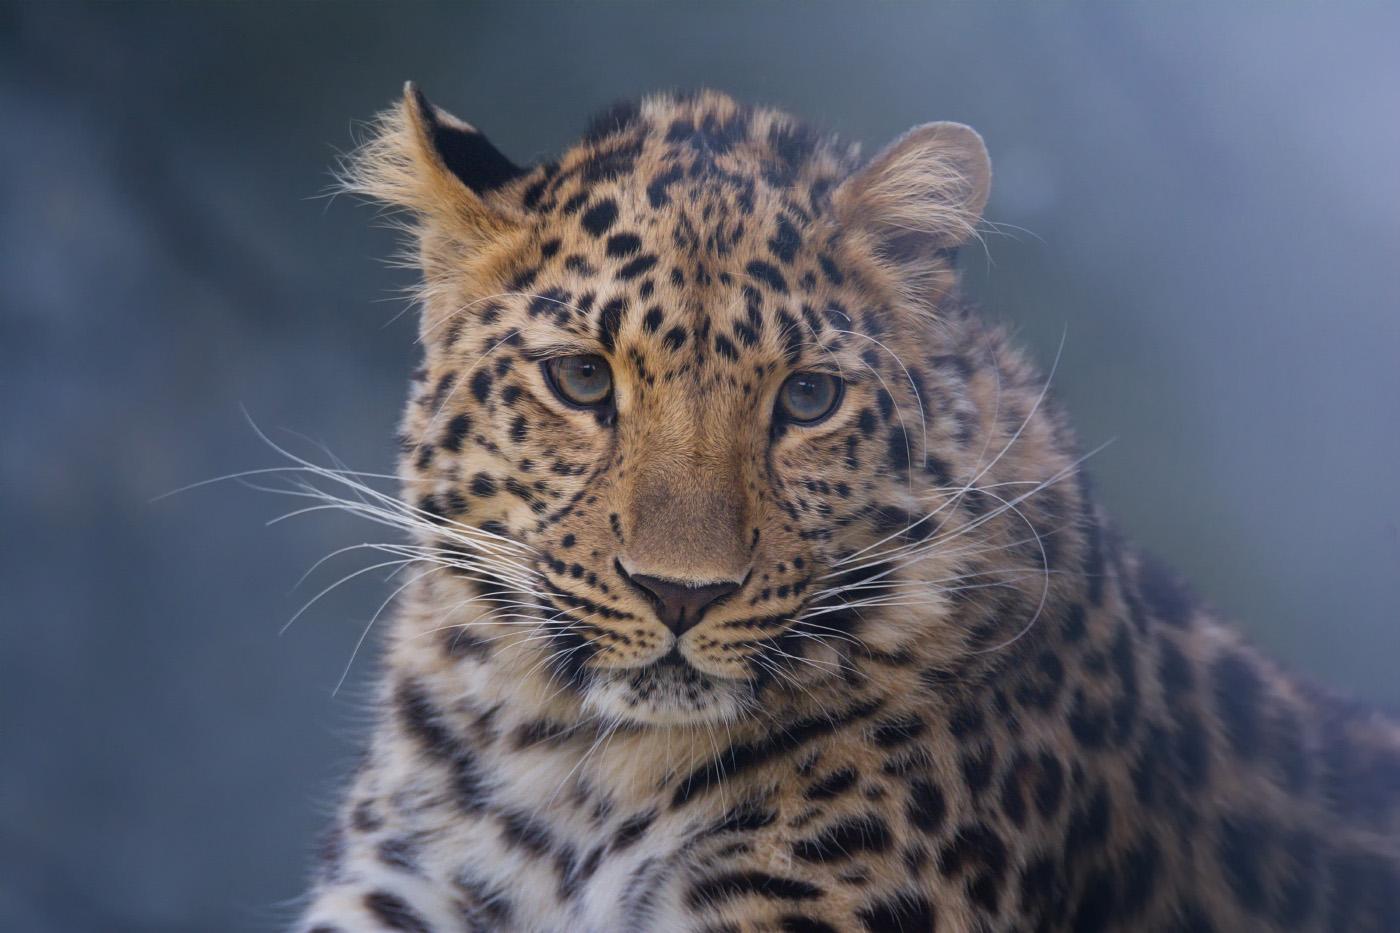 Дальневосточный леопард. Последняя сотня.